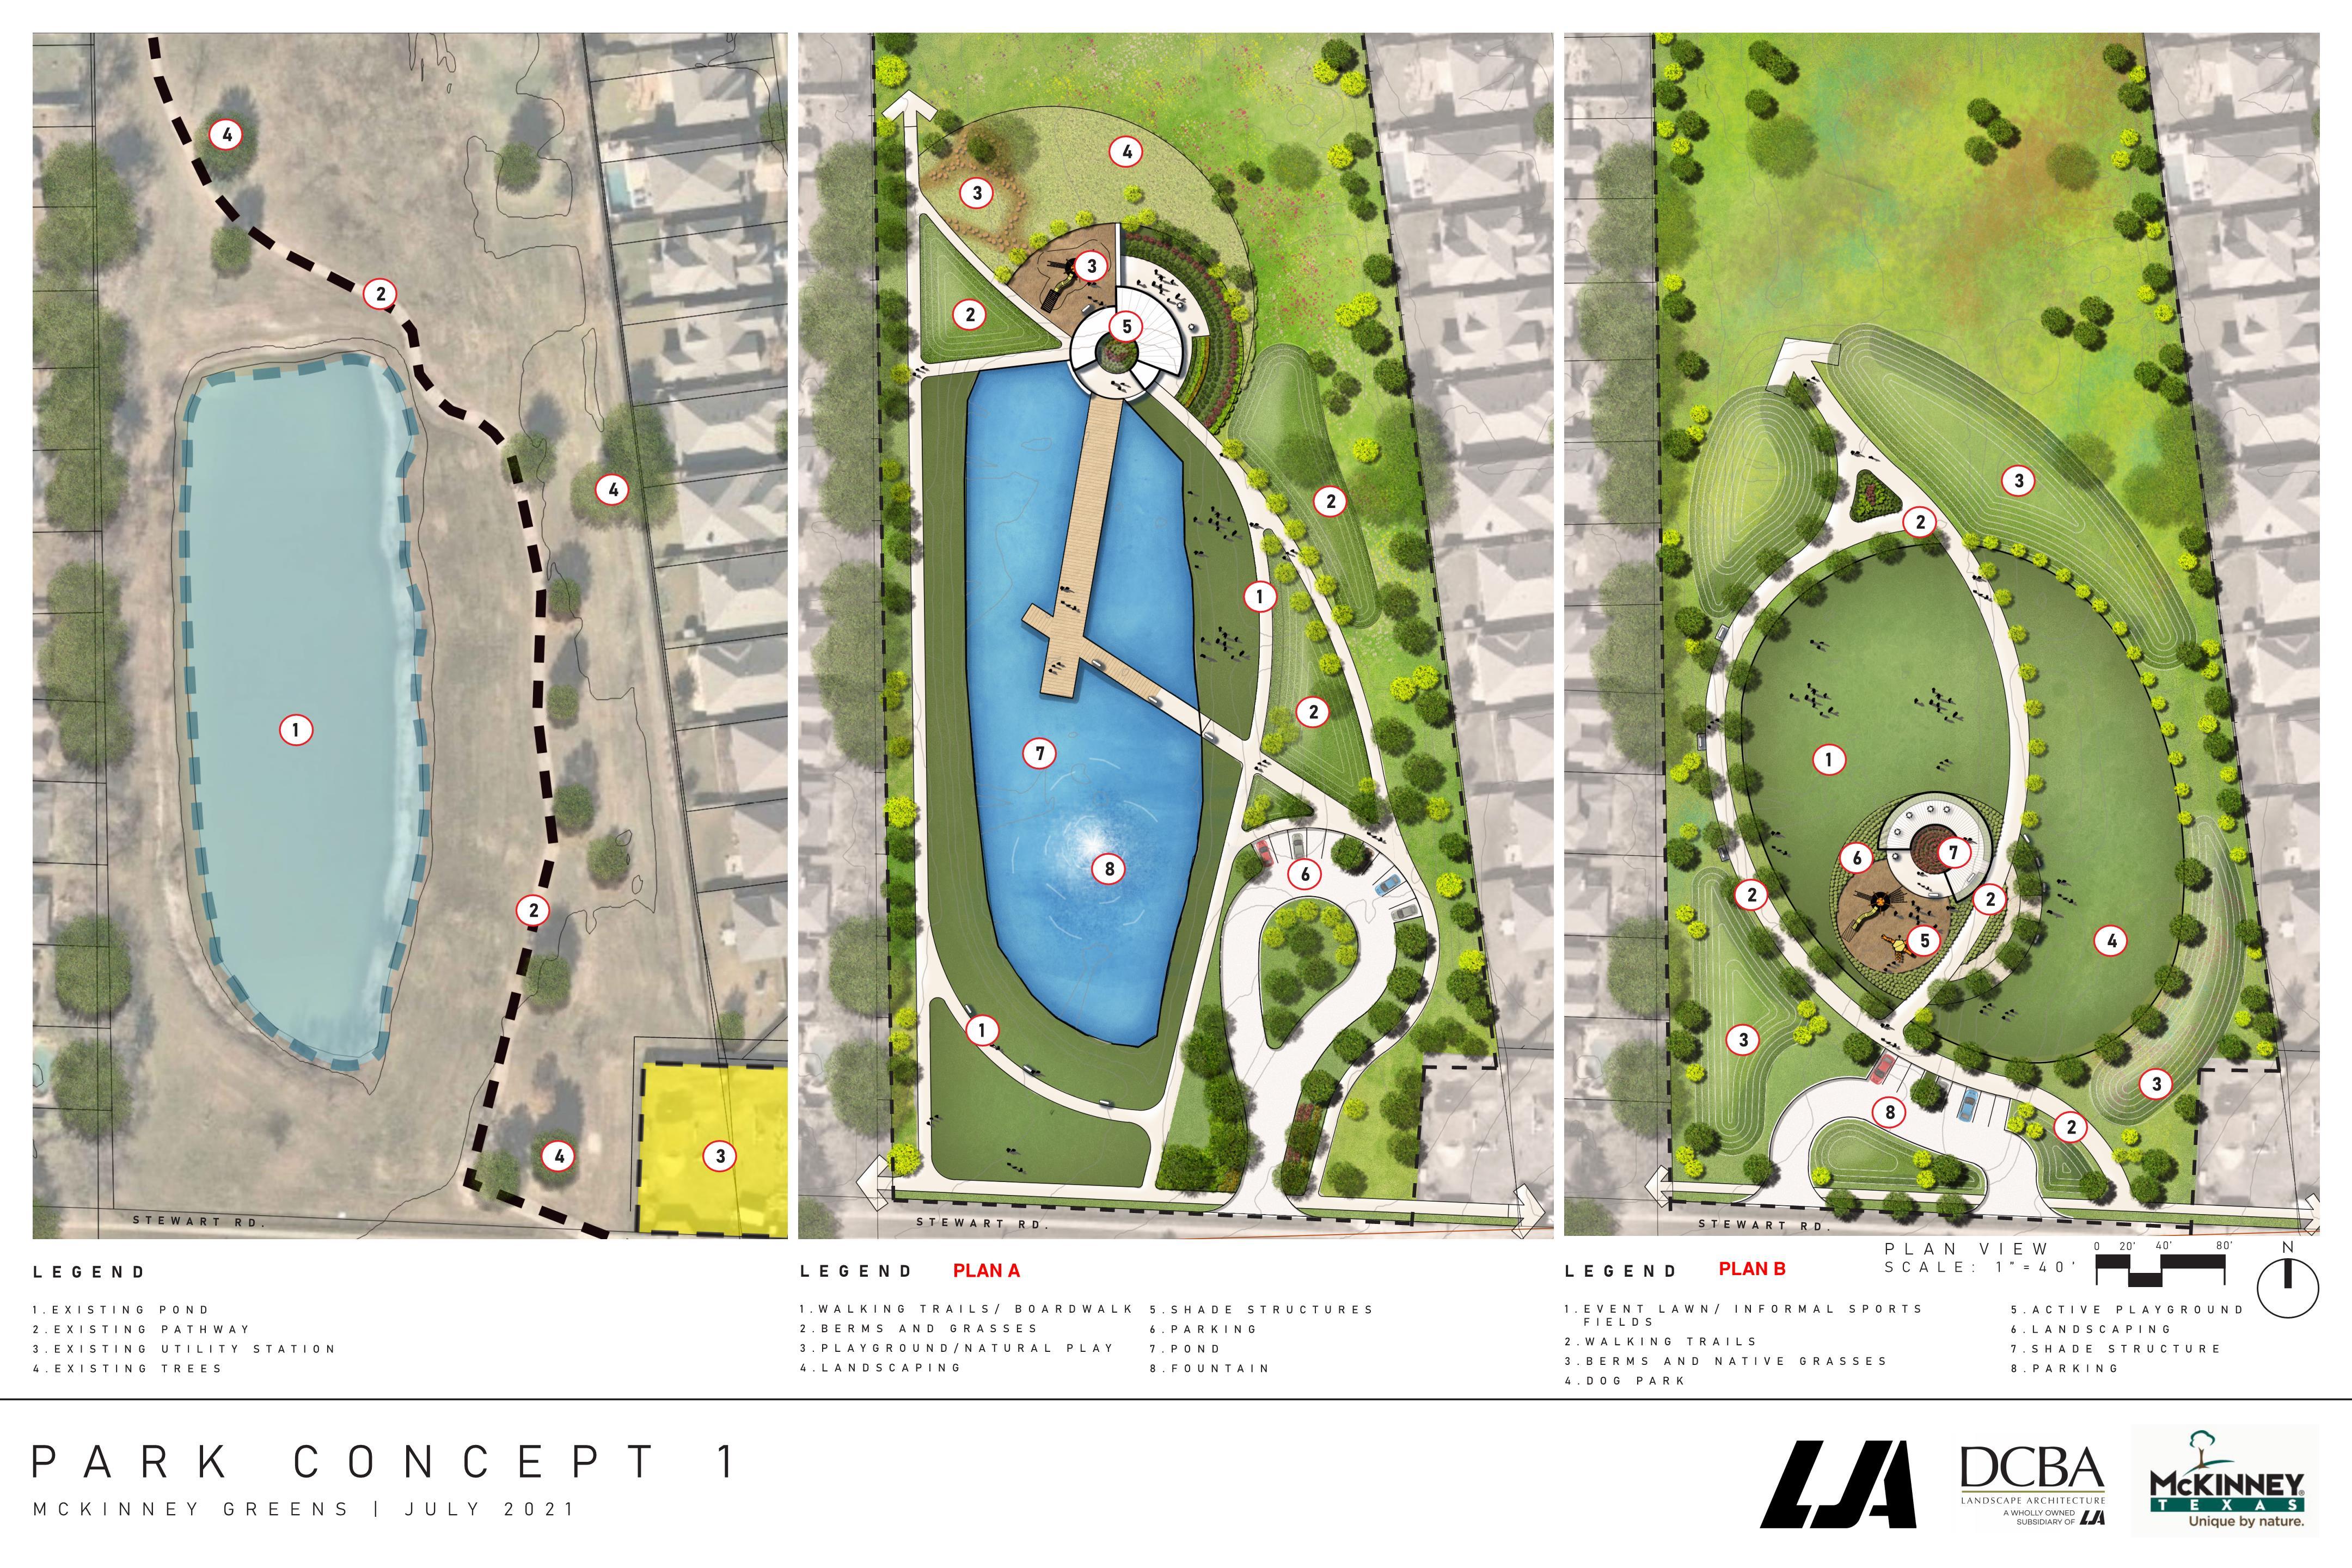 McKinney Greens Neighborhood Park Concept Plans A & B